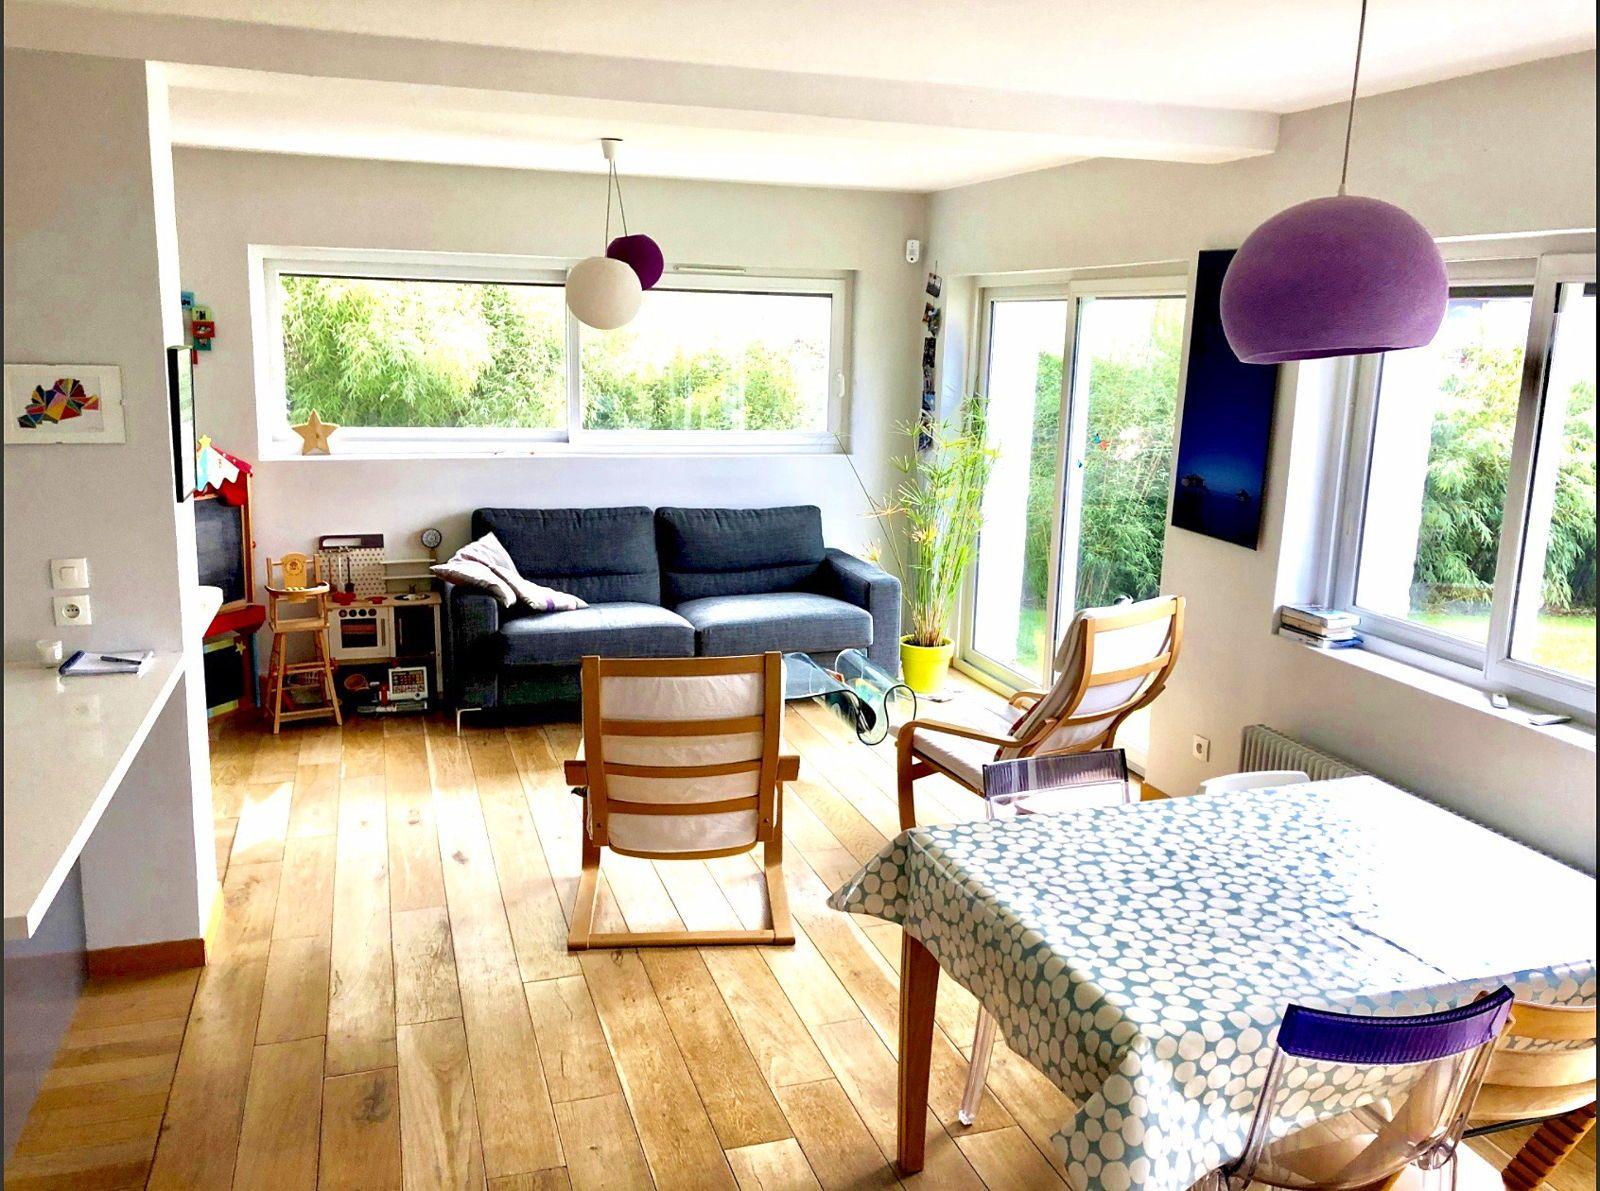 Vends maison 7pièces 6chambres 135m² à Montreuil quartier Signac